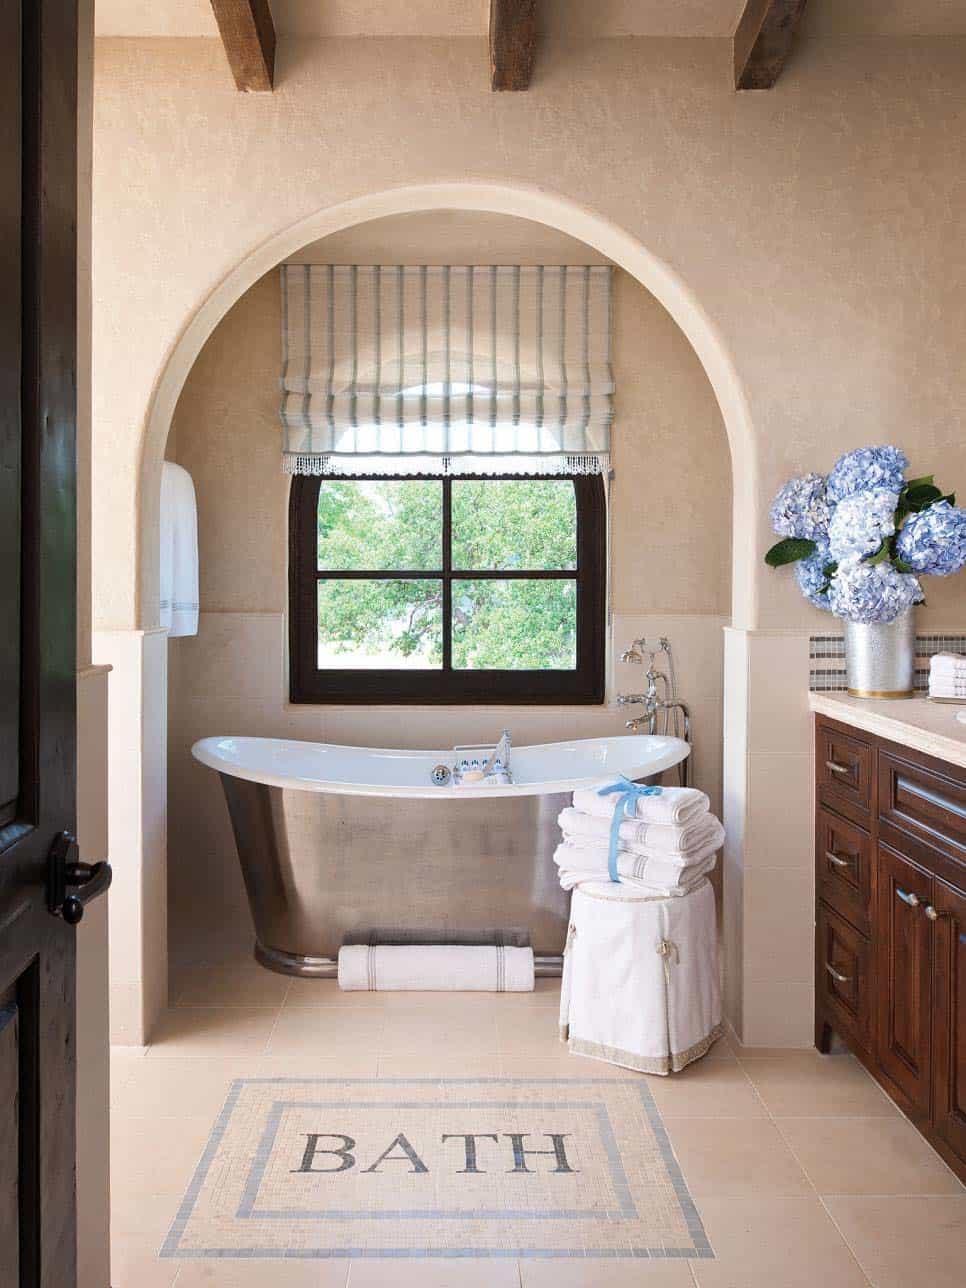 Freestanding-Tubs-Bathroom-Ideas-17-1 Kindesign